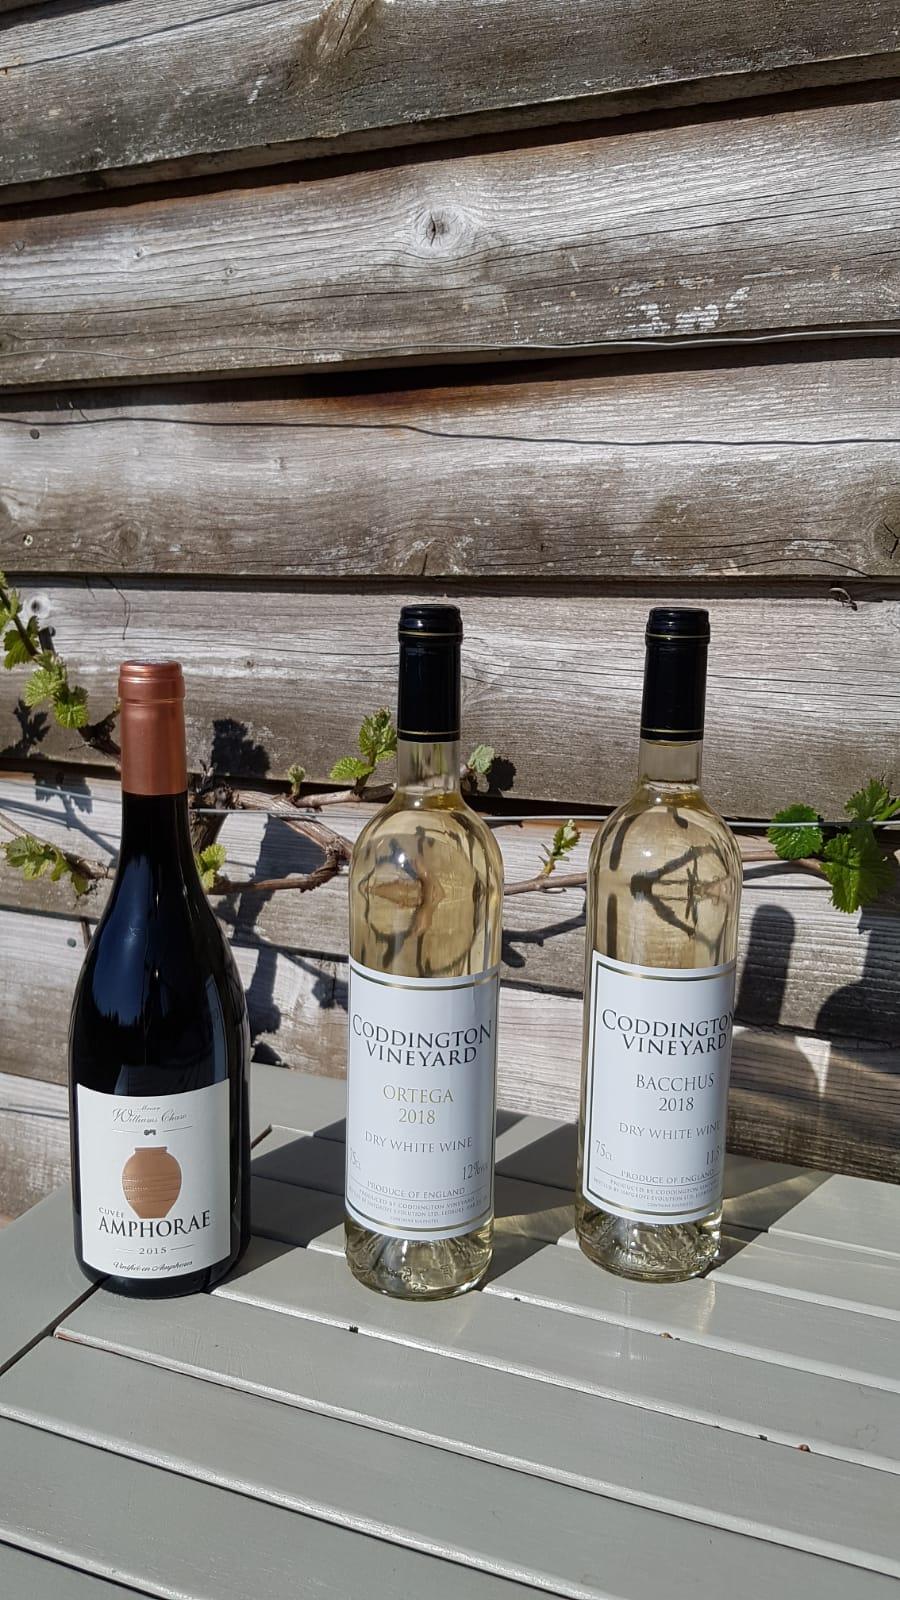 Mixed wine case 3 bottles varieties